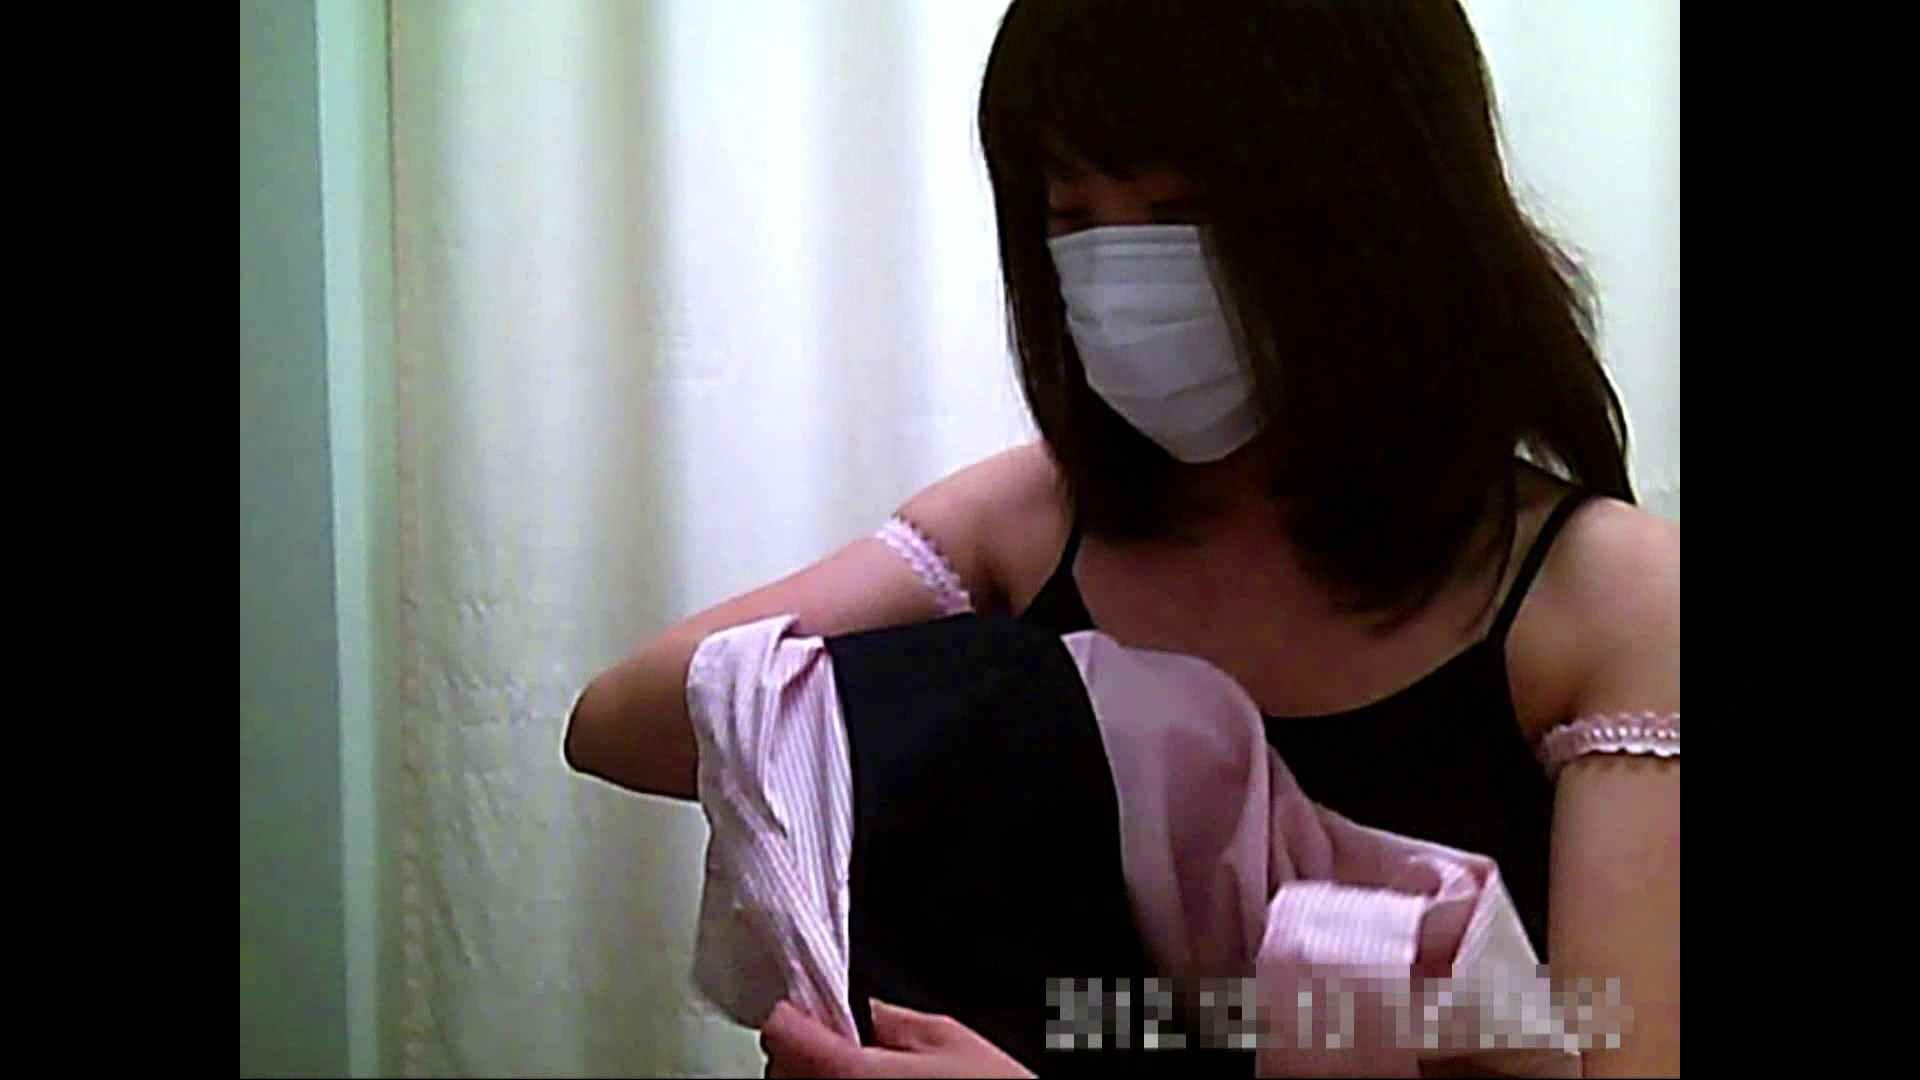 病院おもいっきり着替え! vol.177 おっぱい オメコ無修正動画無料 76pic 59